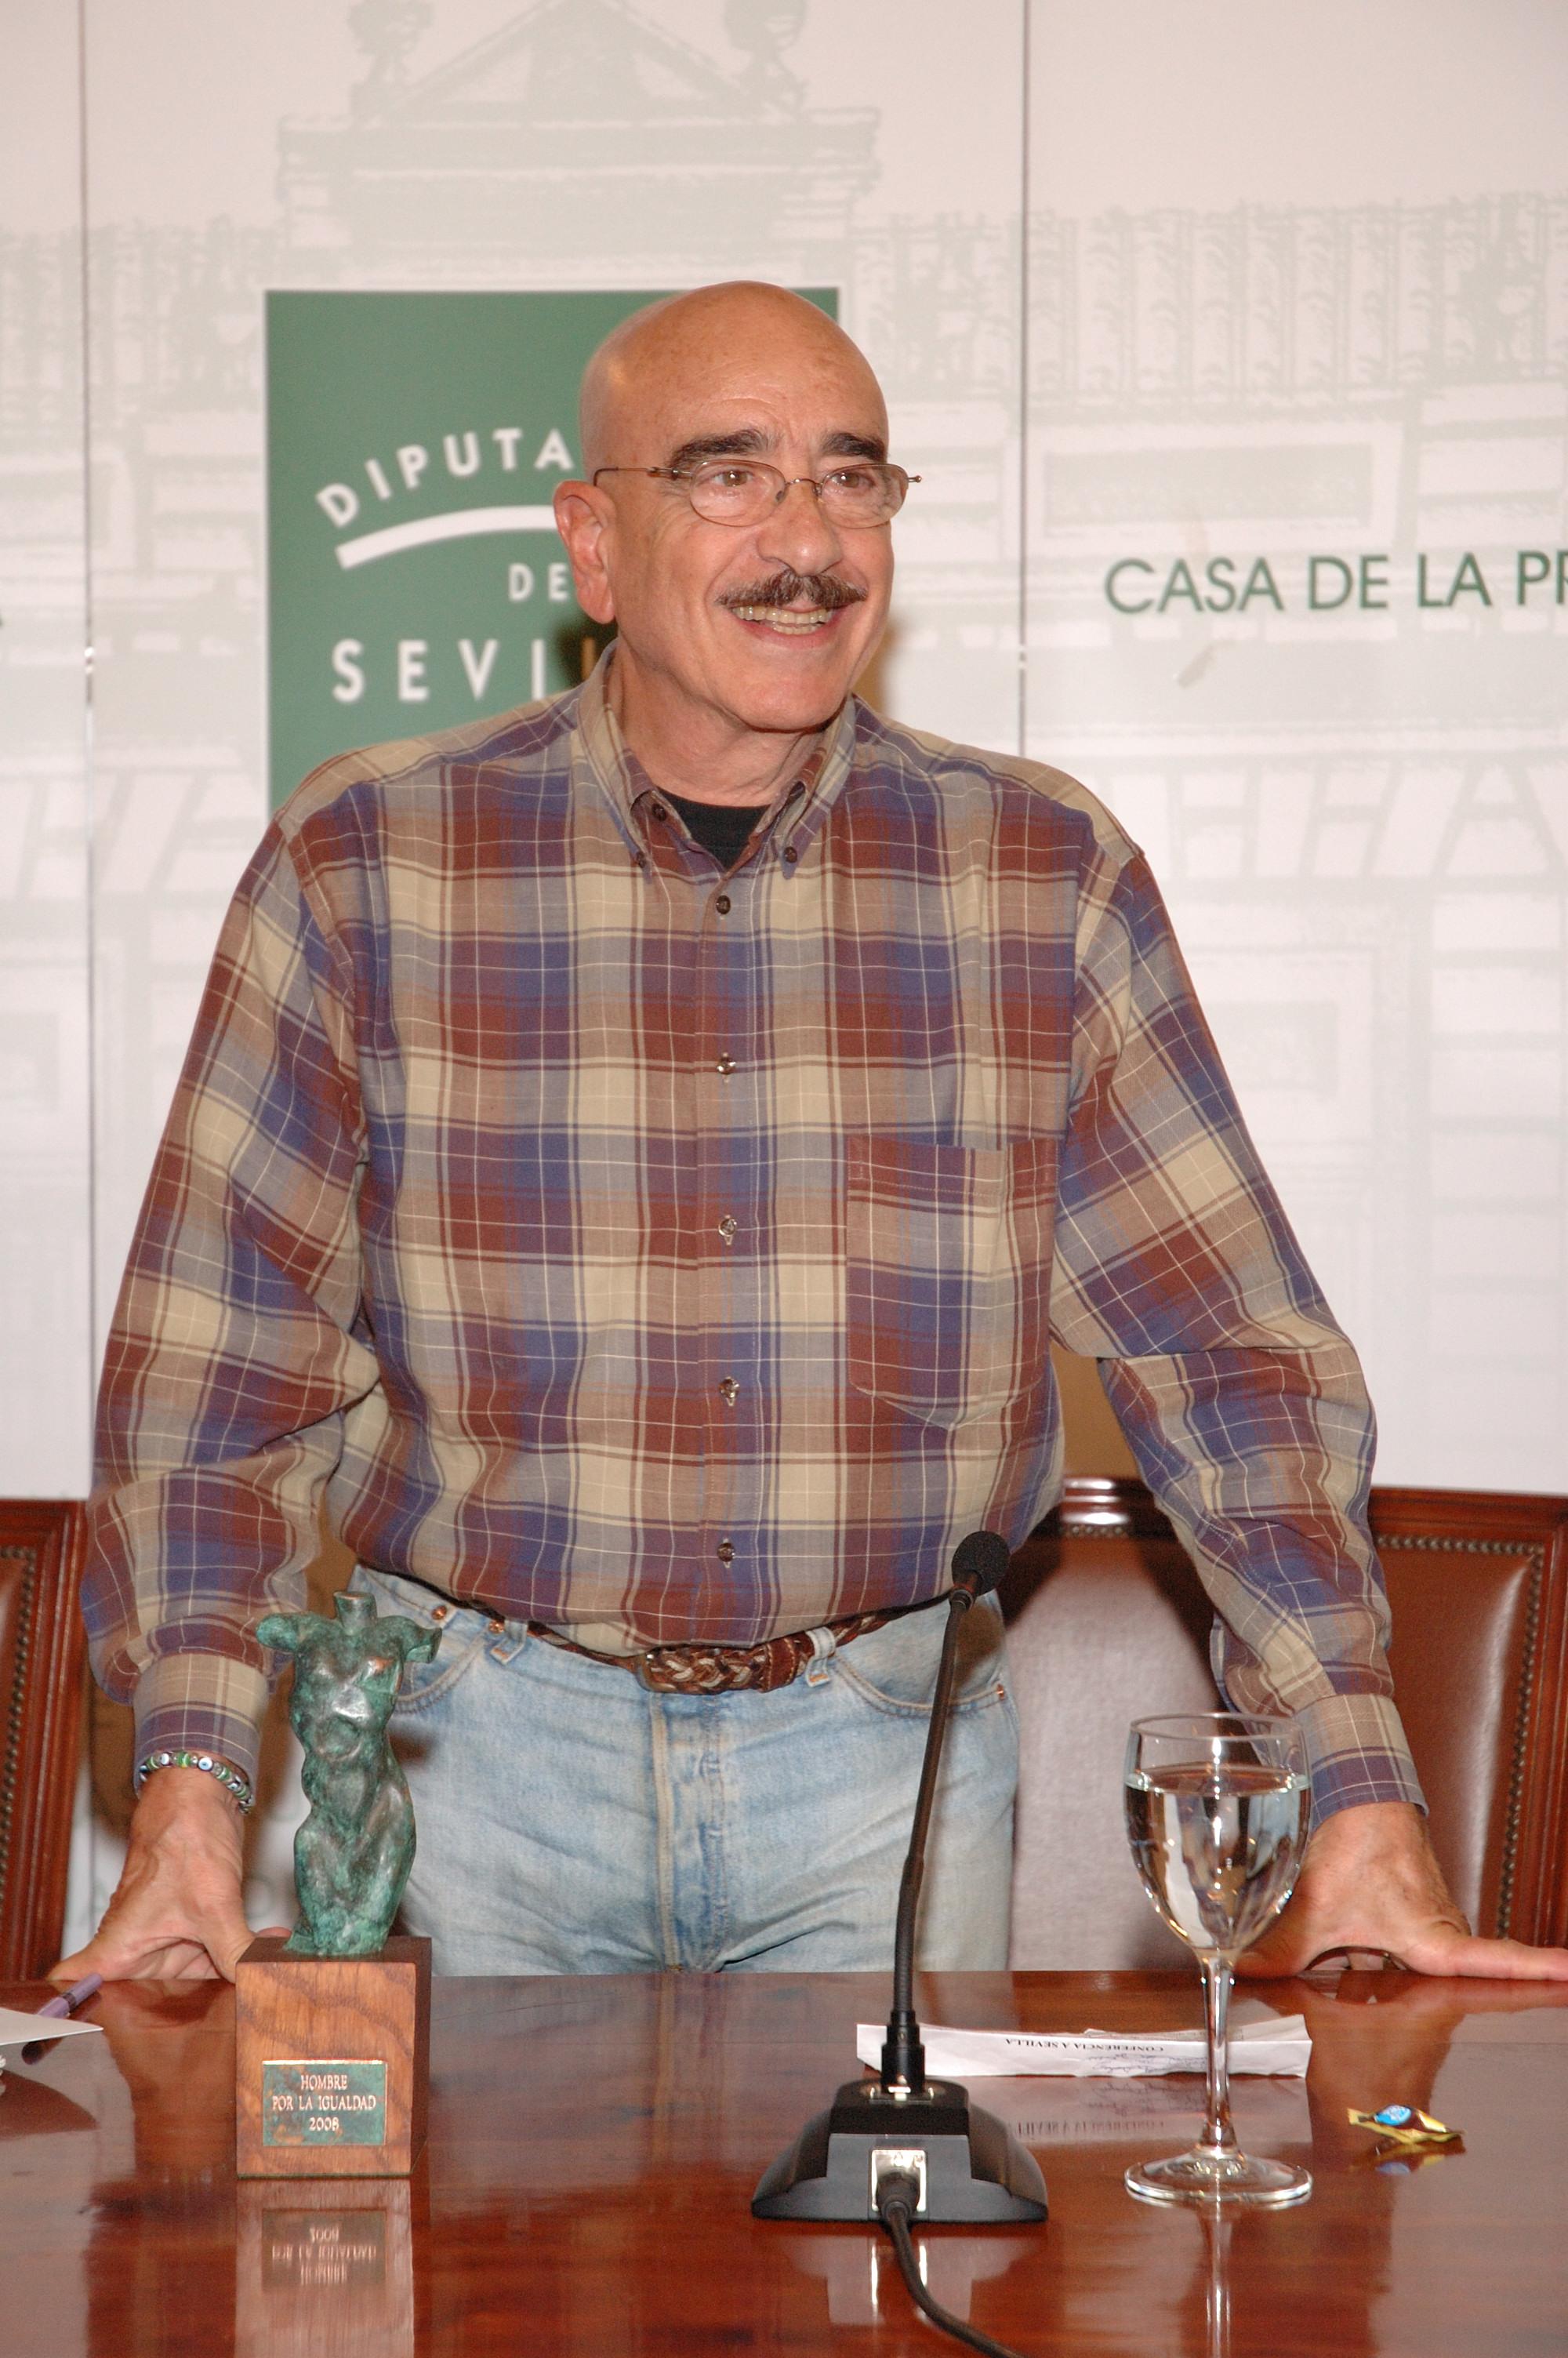 Armand recoge el Reconocimiento Hombre por la Igualdad 2008